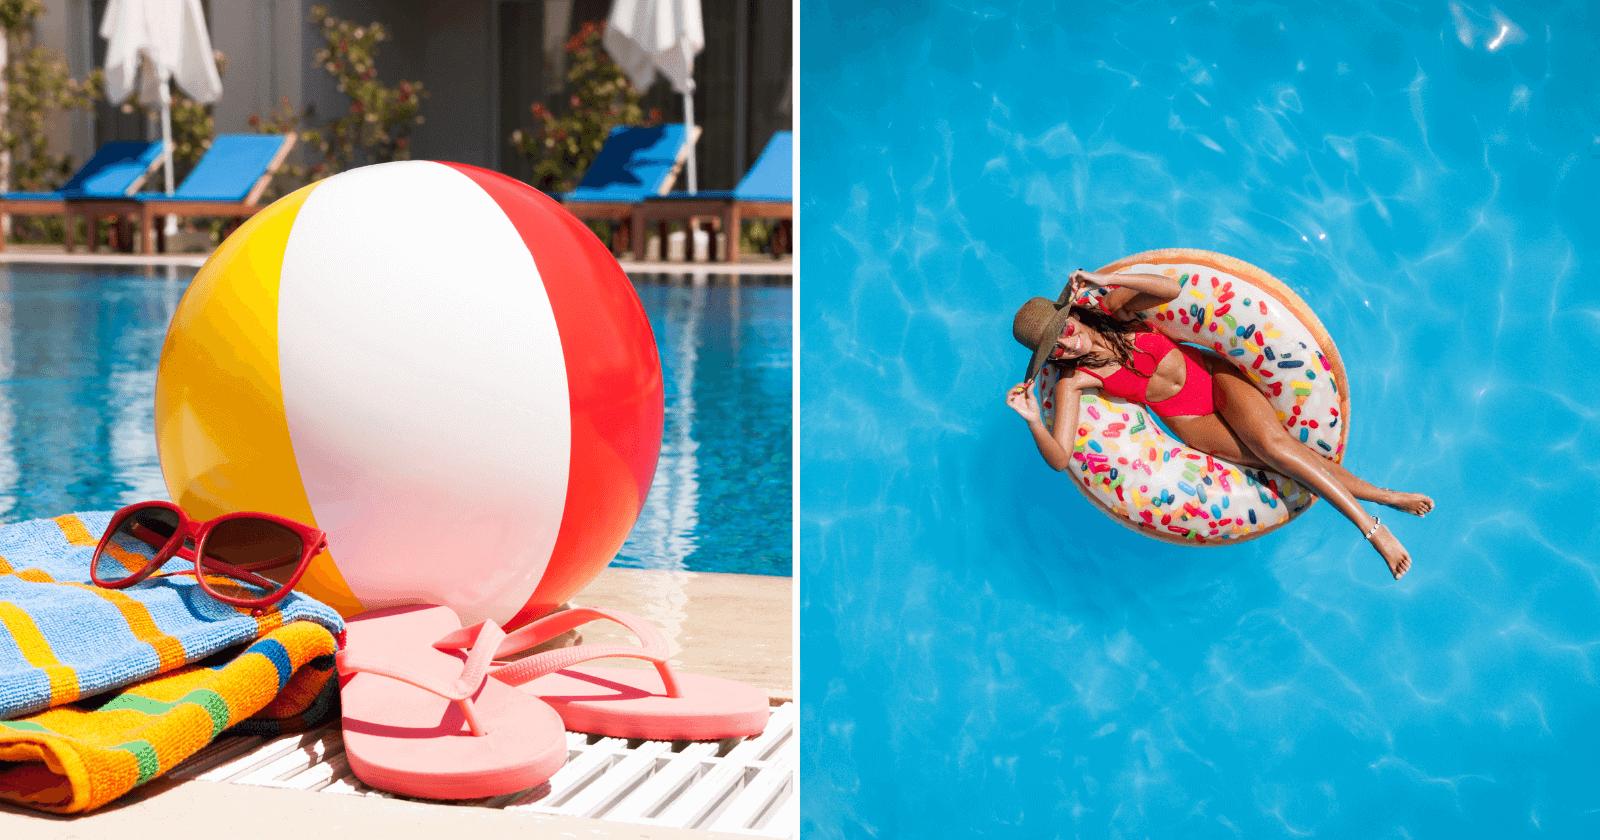 100 Legendas para Fotos na Piscina: melhorando seu dia também nas redes sociais!